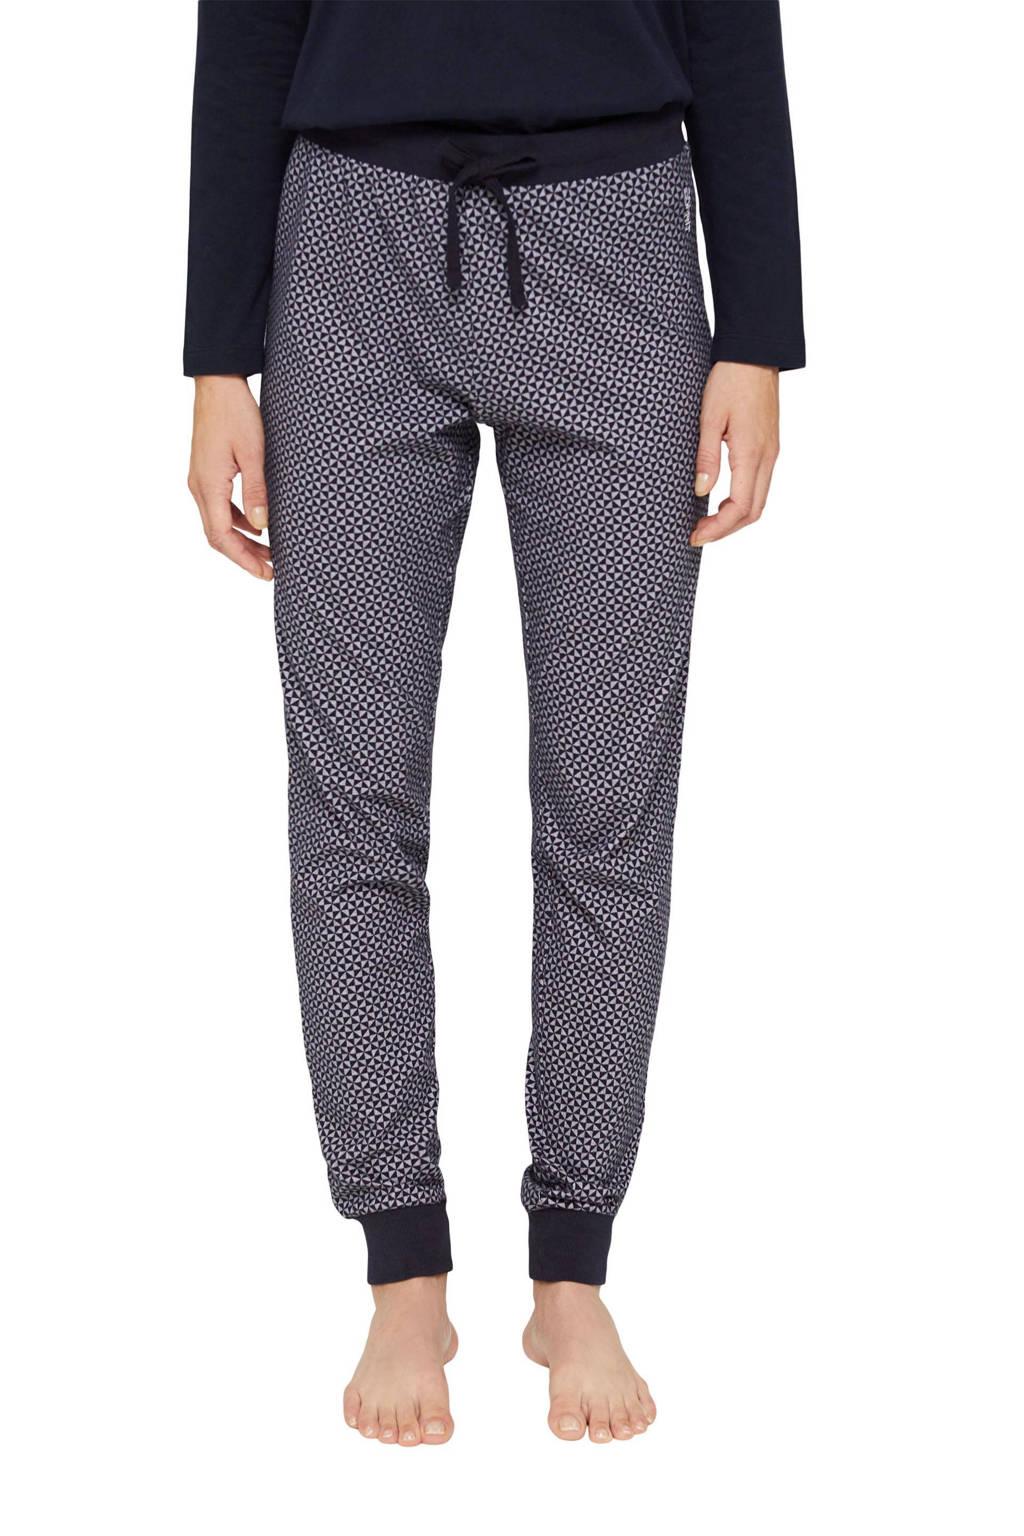 ESPRIT Women Bodywear pyjamabroek met all over print donkerblauw/wit, Donkerblauw